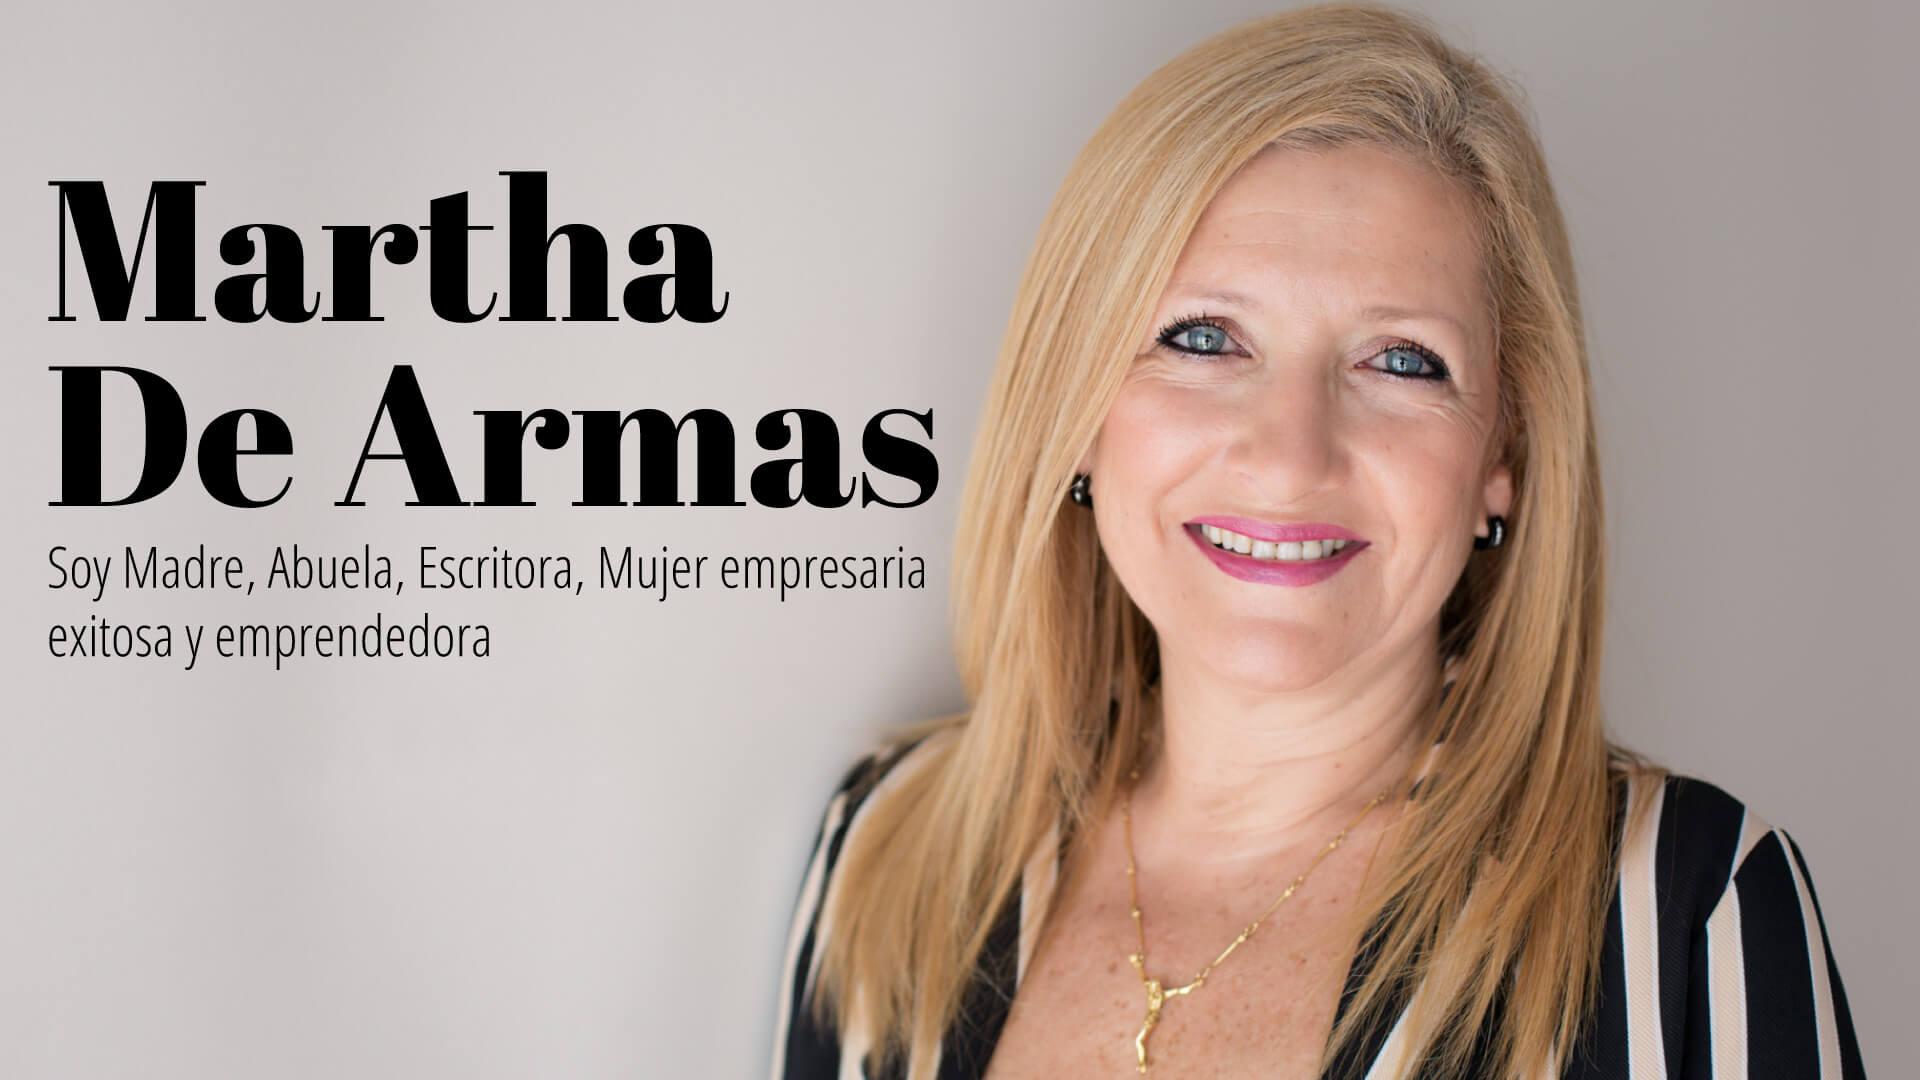 Mentorías de Martha de Armas